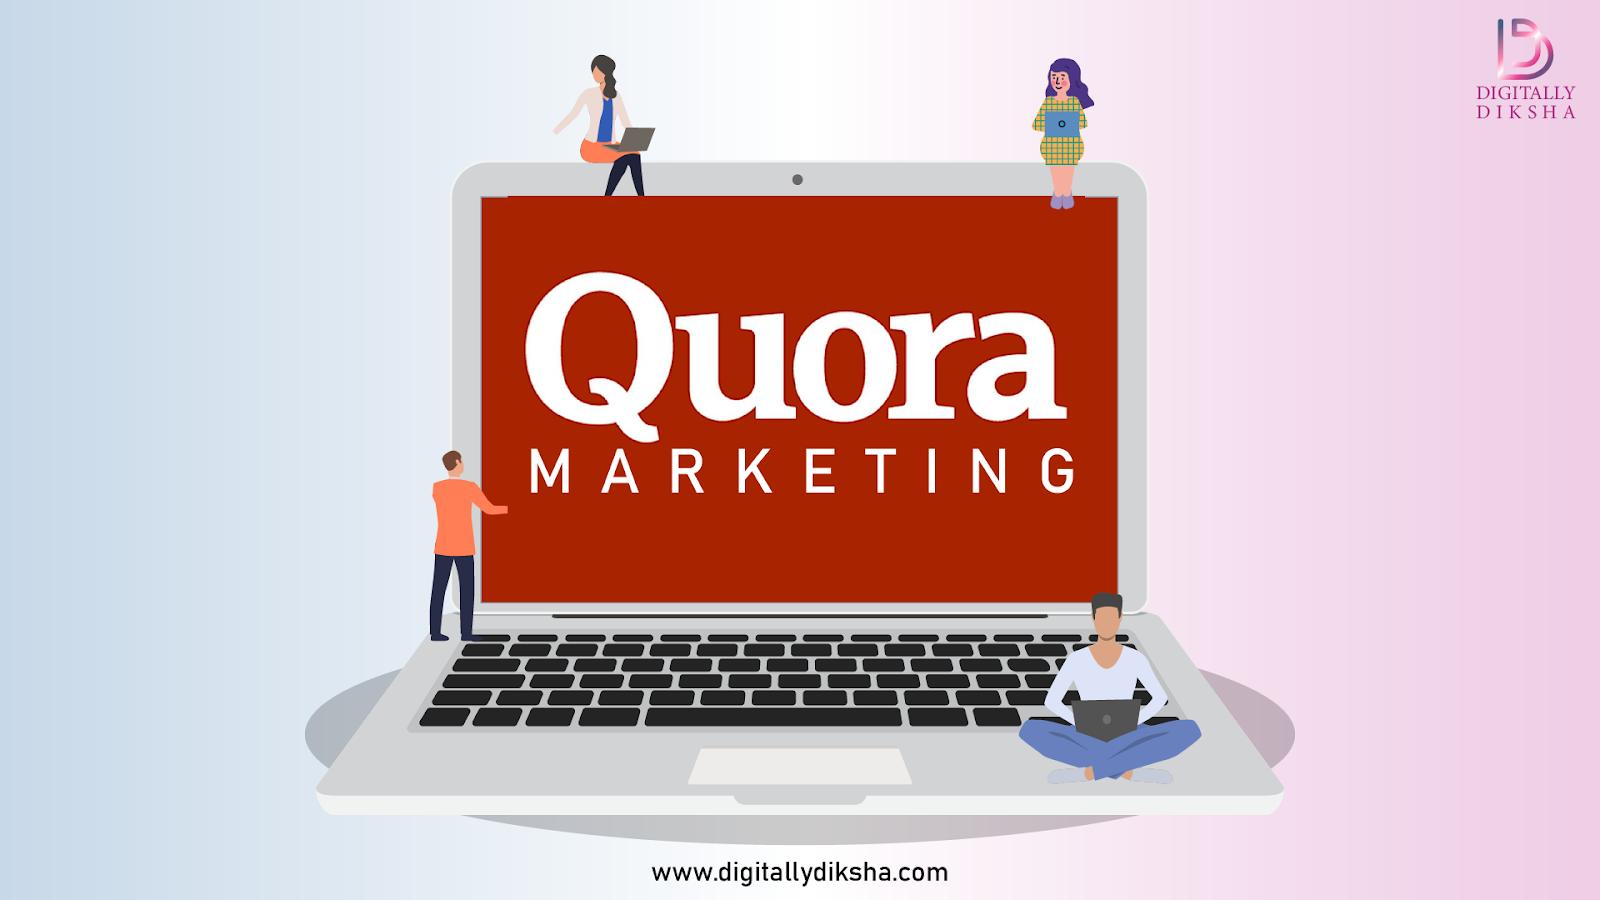 How to do quora marketing?